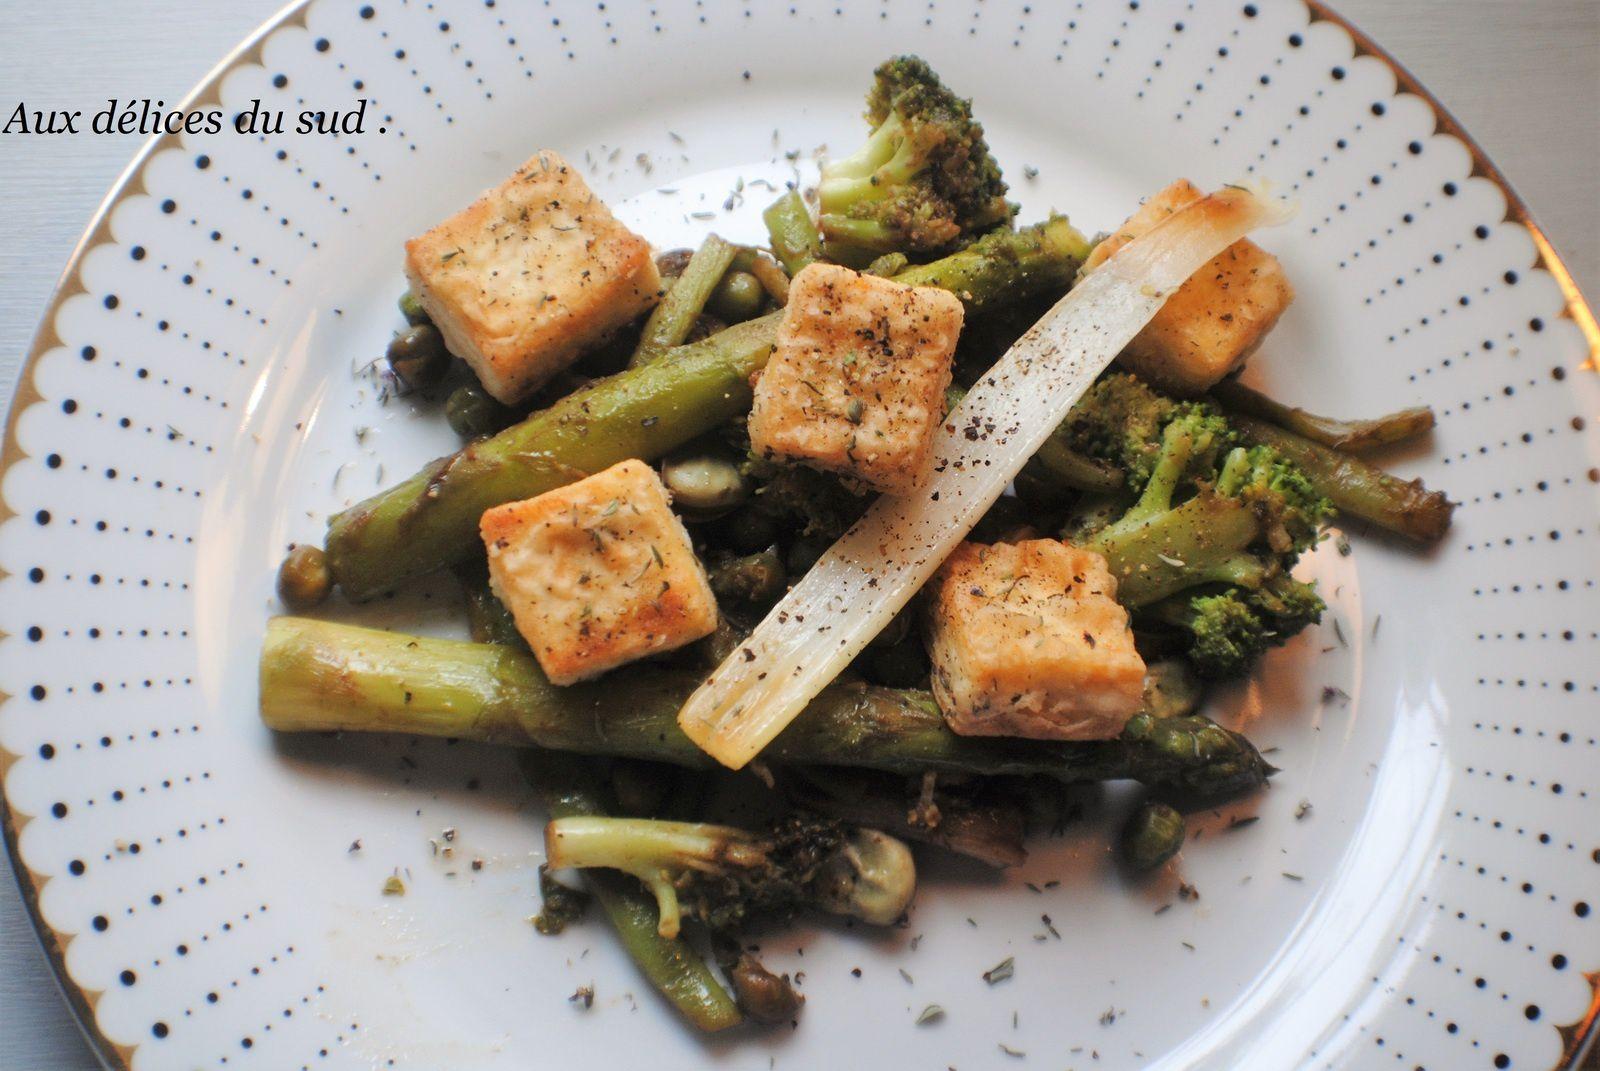 Sauté de tofu aux petits légumes  verts  de printemps